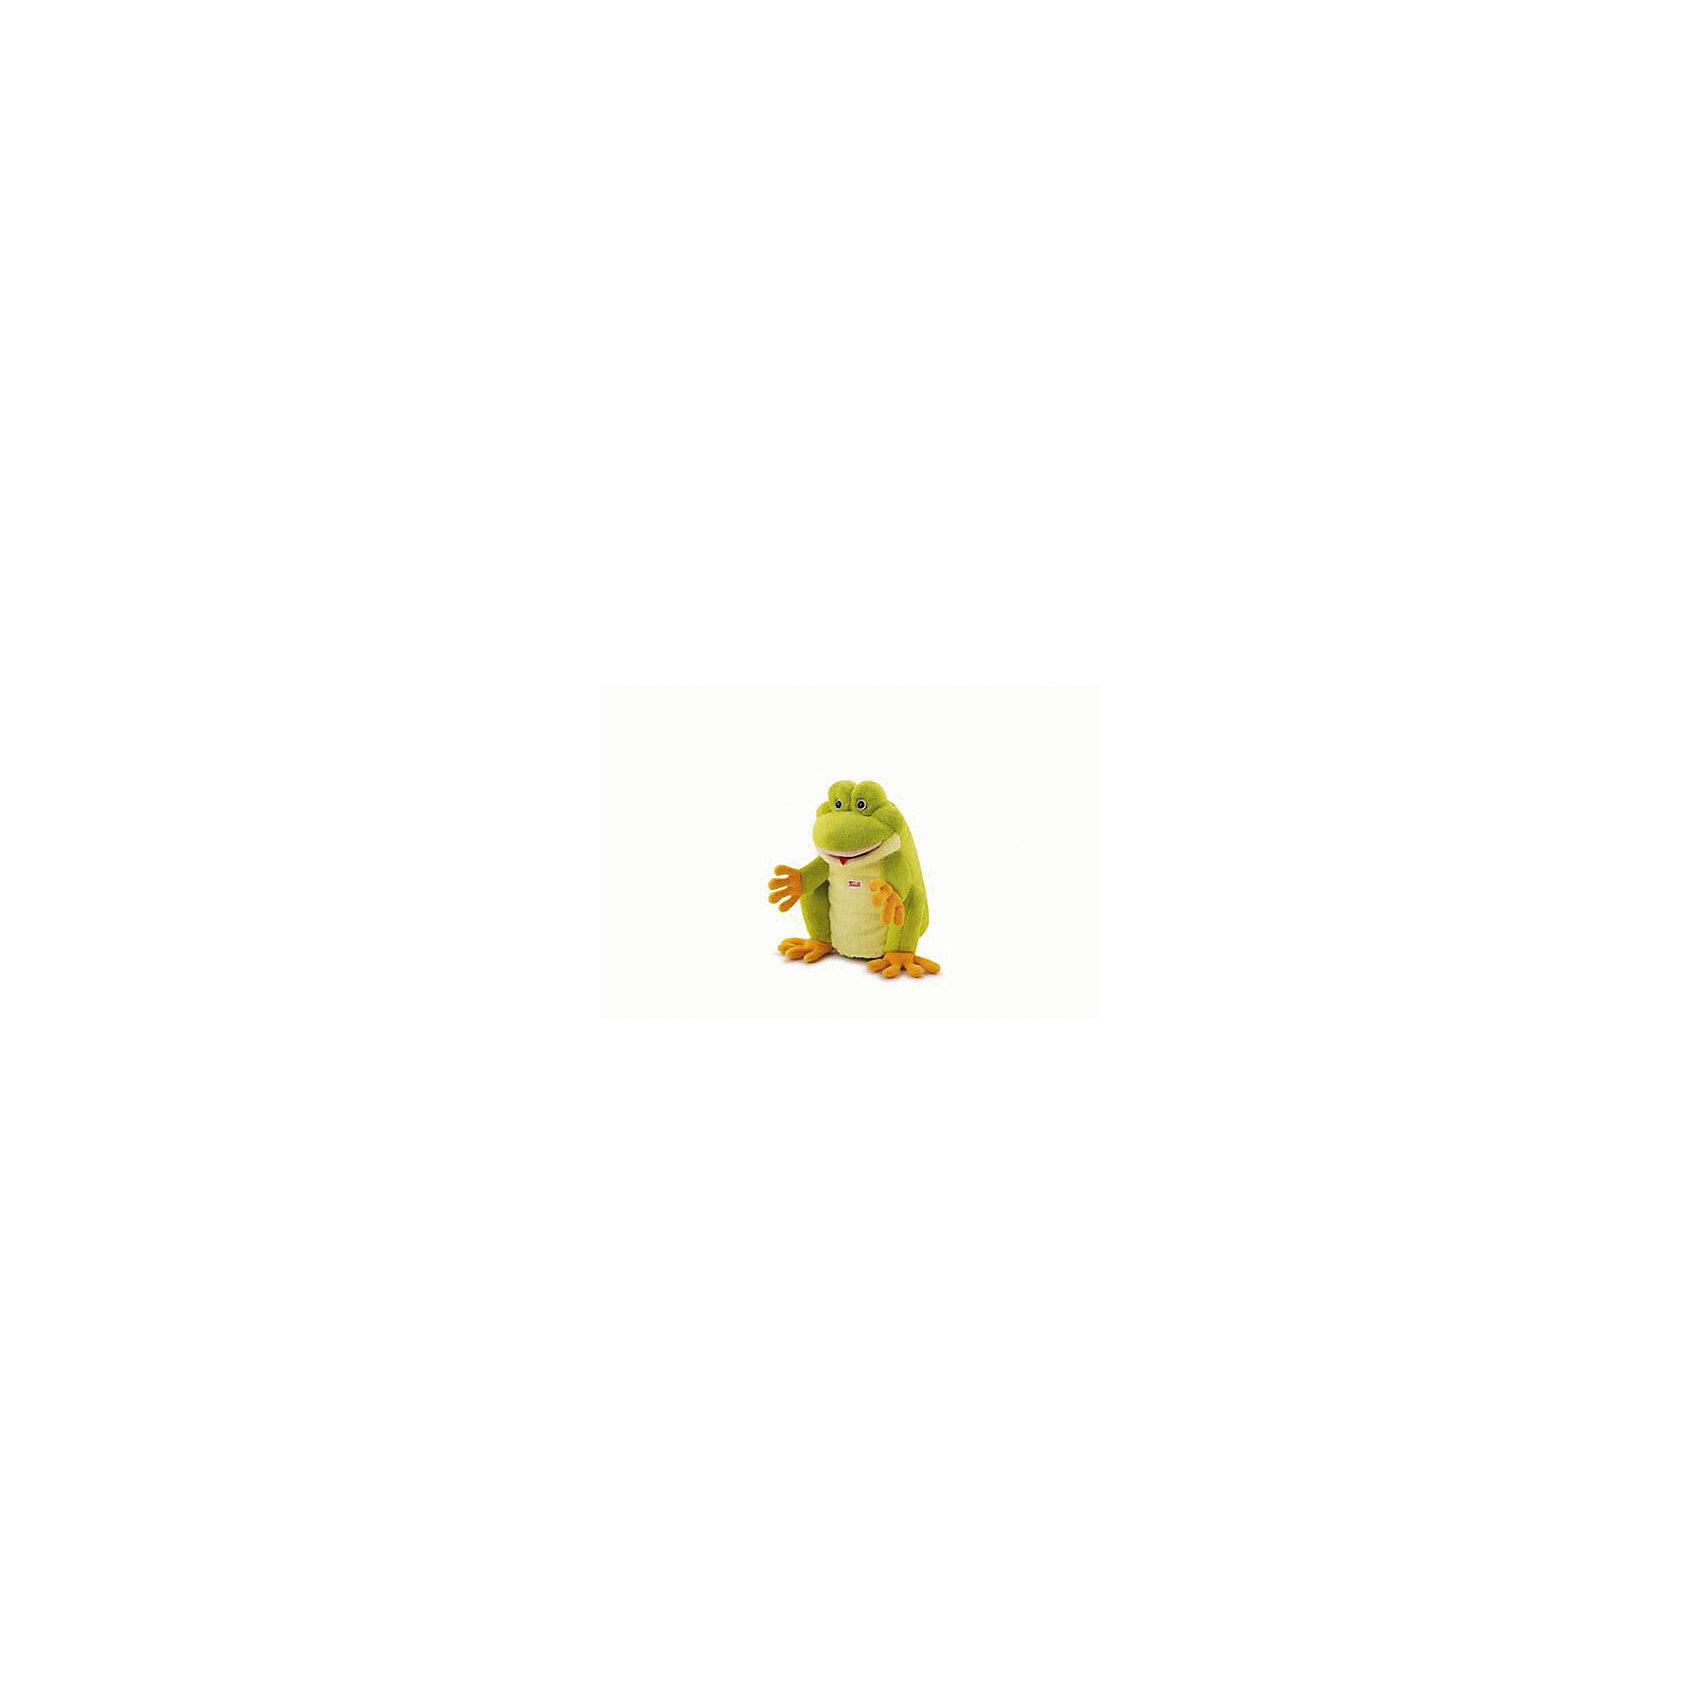 Мягкая игрушка на руку Лягушка, 25 см, TrudiМягкая игрушка на руку Лягушка, 25 см от популярного итальянского бренда Trudi (Труди) сделает ваш домашний кукольный театр еще более правдоподобным. Качественно выполненная игрушка в виде забавной лягушки поможет проиграть множество постановок и придумать много своих историй. Также ребенок может играть с крокодилом как с обычной мягкой игрушкой. Игрушка поможет развить воображение, навыки общения, моторику рук.  <br>Дополнительная информация:<br><br>- Состав: текстиль<br>- Размер: 25 см. <br>- Вес: 150 гр.<br><br>Мягкую игрушку на руку Лягушка, 25 см, Trudi (Труди) можно купить в нашем интернет-магазине.<br>Подробнее:<br>• Для детей в возрасте: от 12 месяцев до 8 лет.<br>• Номер товара: 5055272<br>Страна производитель: Китай<br><br>Ширина мм: 130<br>Глубина мм: 190<br>Высота мм: 250<br>Вес г: 120<br>Возраст от месяцев: 12<br>Возраст до месяцев: 2147483647<br>Пол: Унисекс<br>Возраст: Детский<br>SKU: 5055272